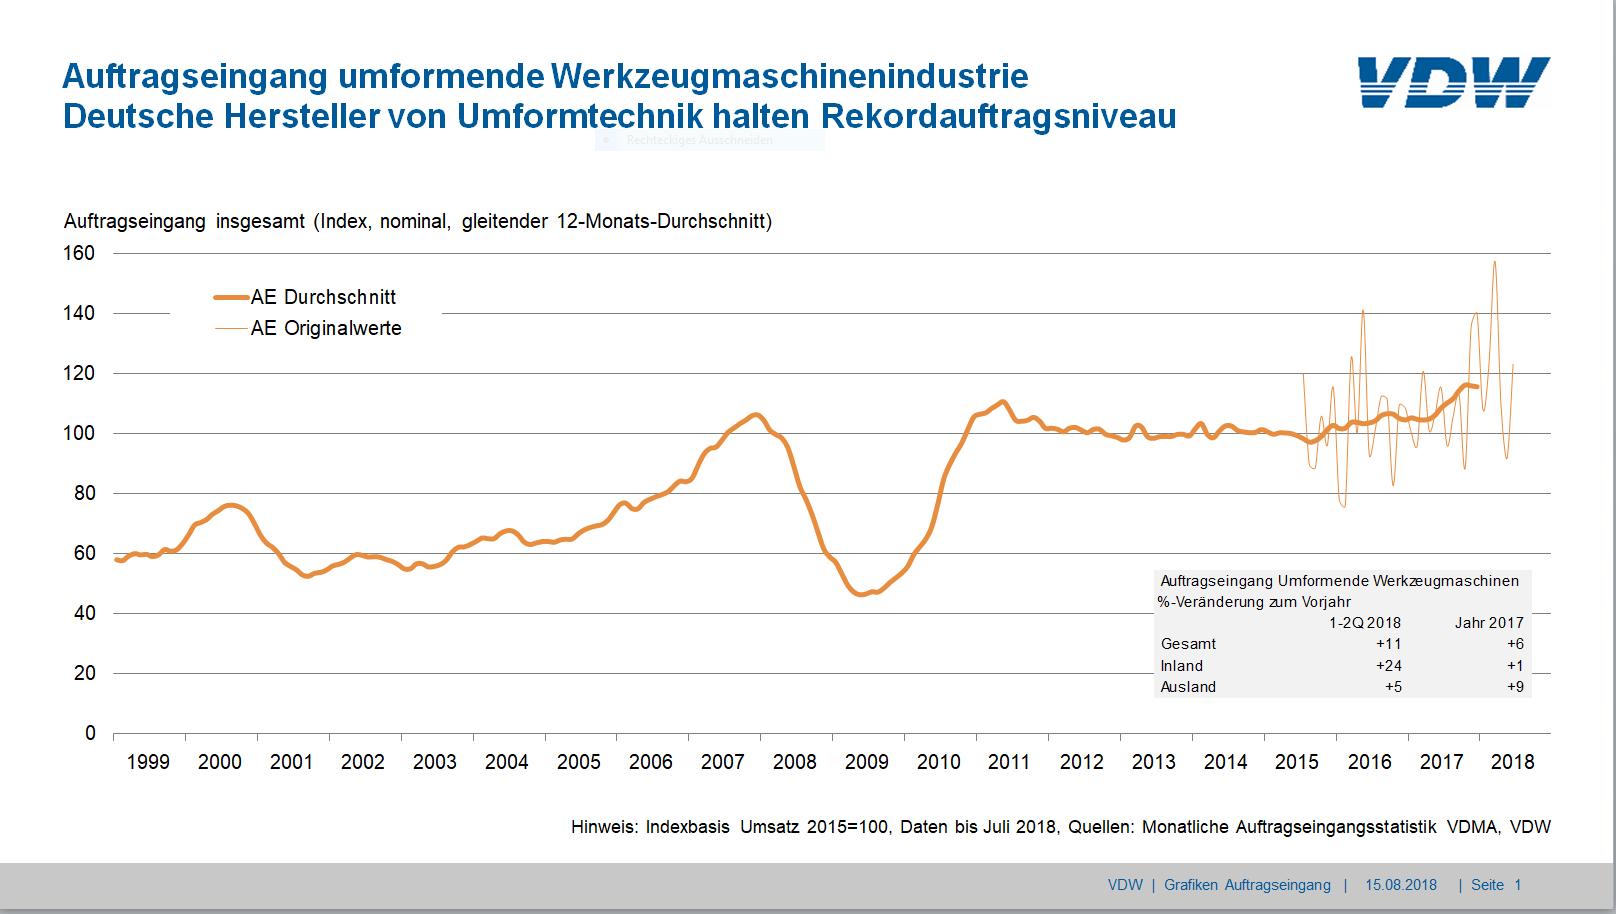 Auftragseingang in der deutschen Umformtechnik